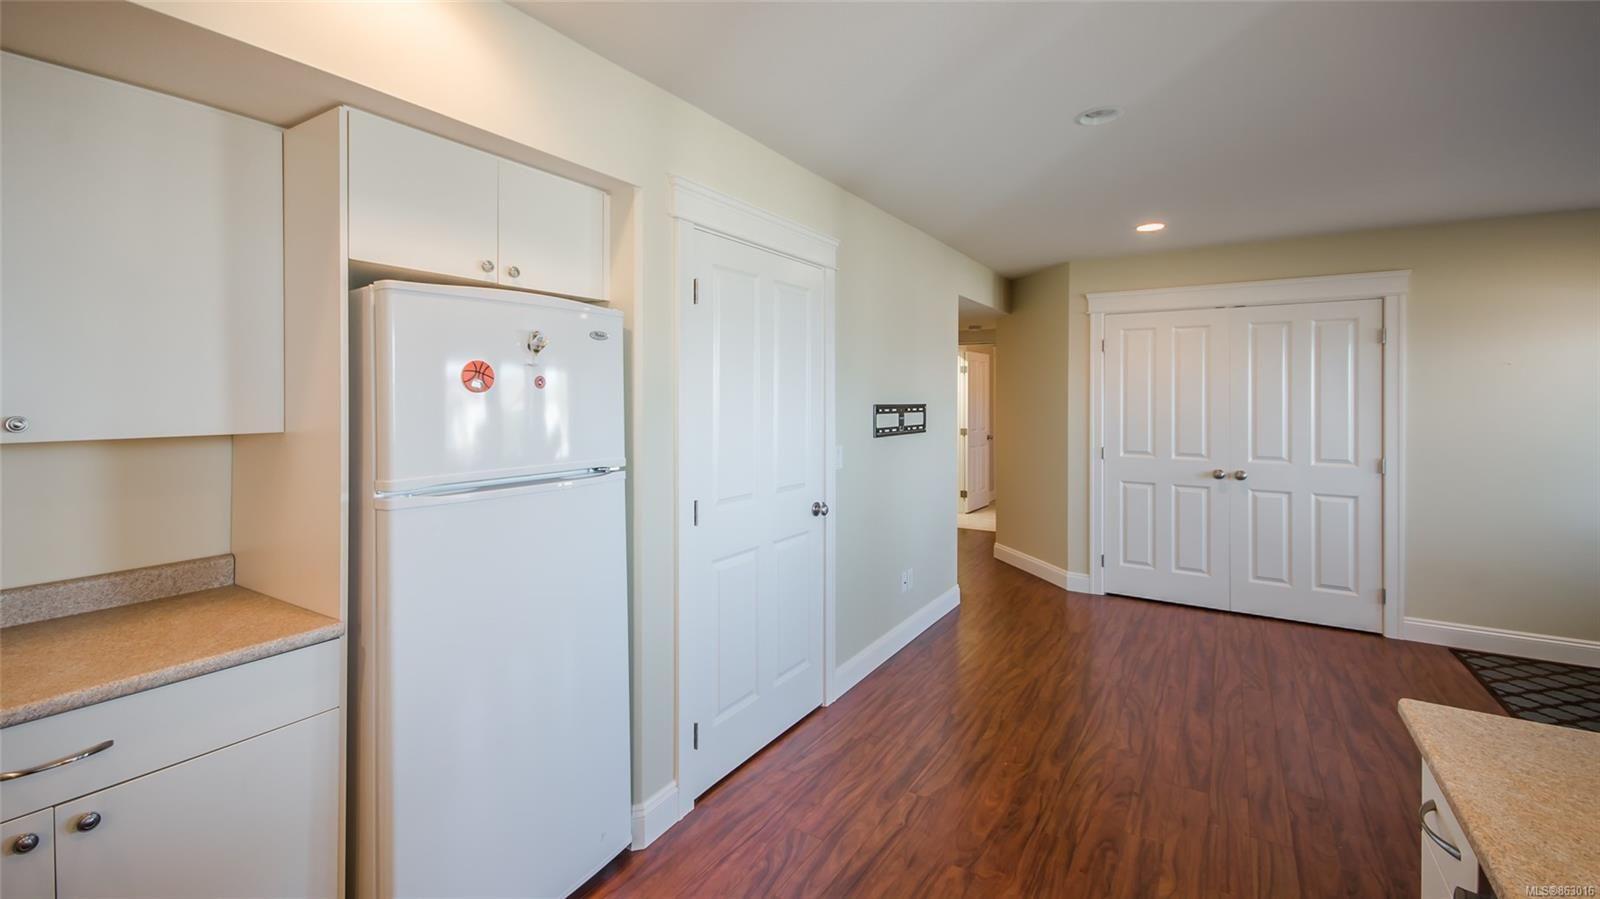 Photo 29: Photos: 5361 Laguna Way in : Na North Nanaimo House for sale (Nanaimo)  : MLS®# 863016